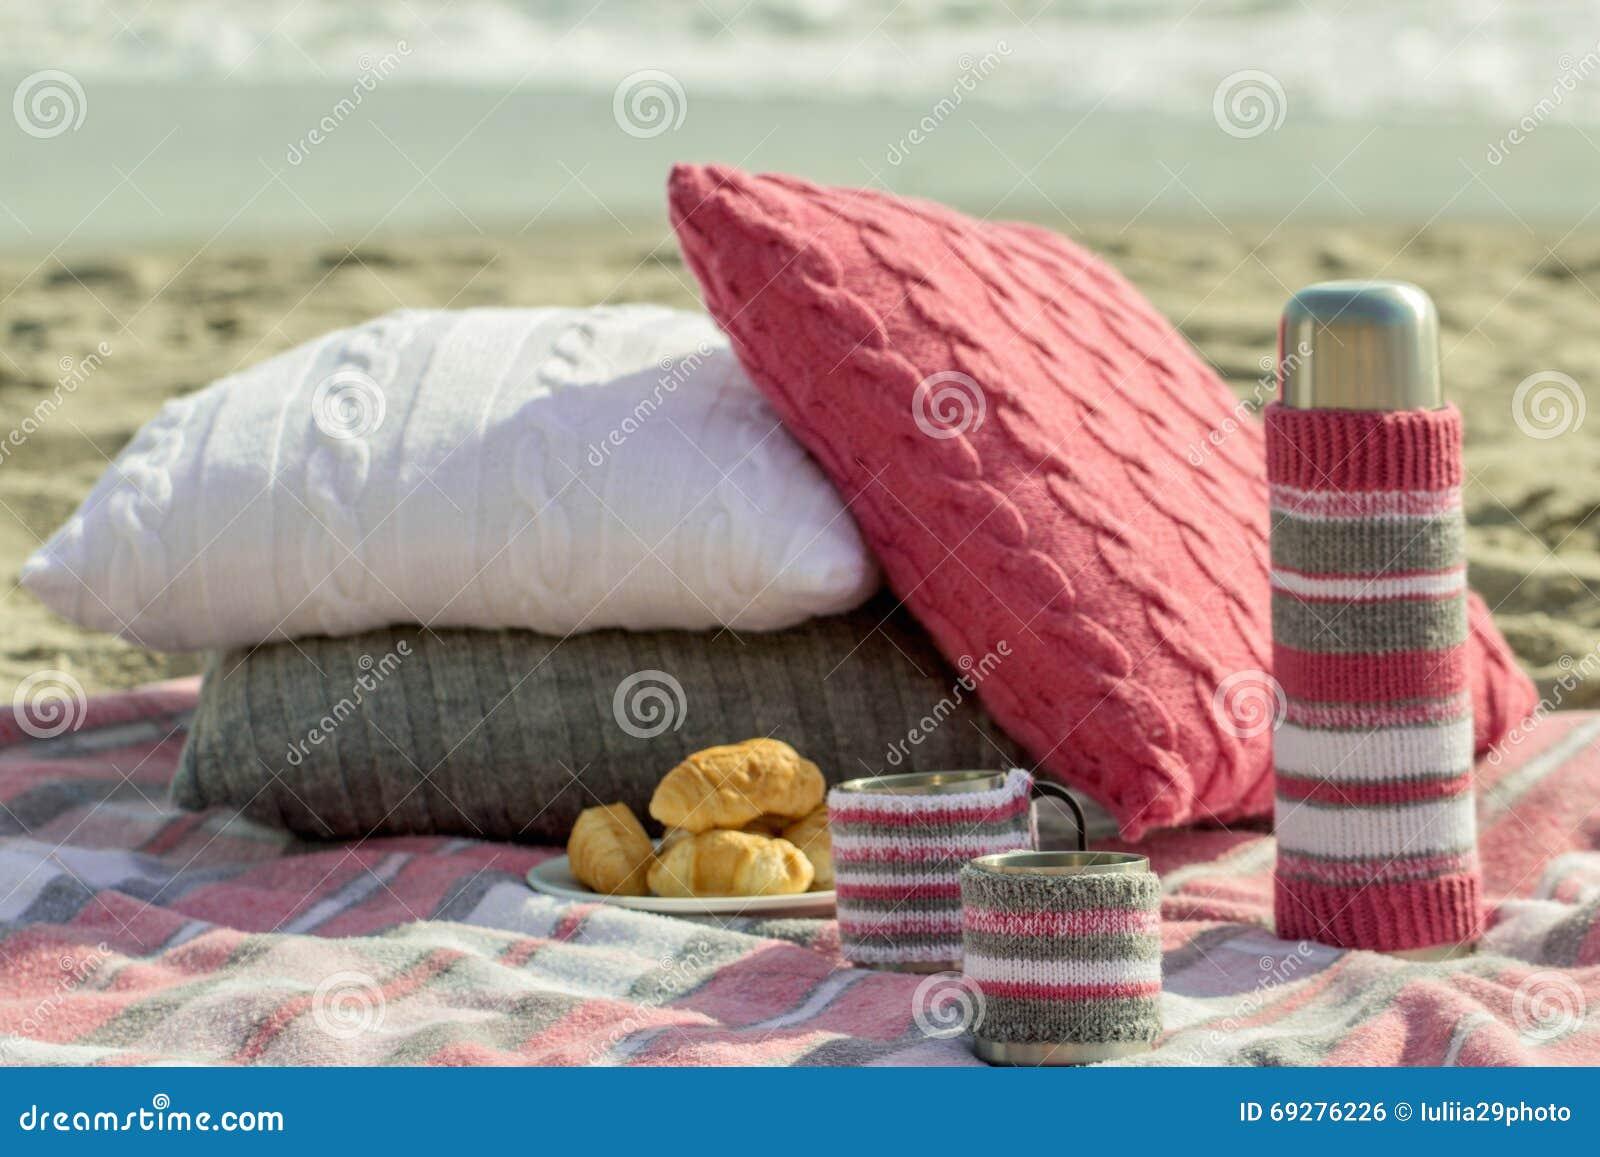 Prima colazione sulla spiaggia Caffè e croissant sul mare cuscino